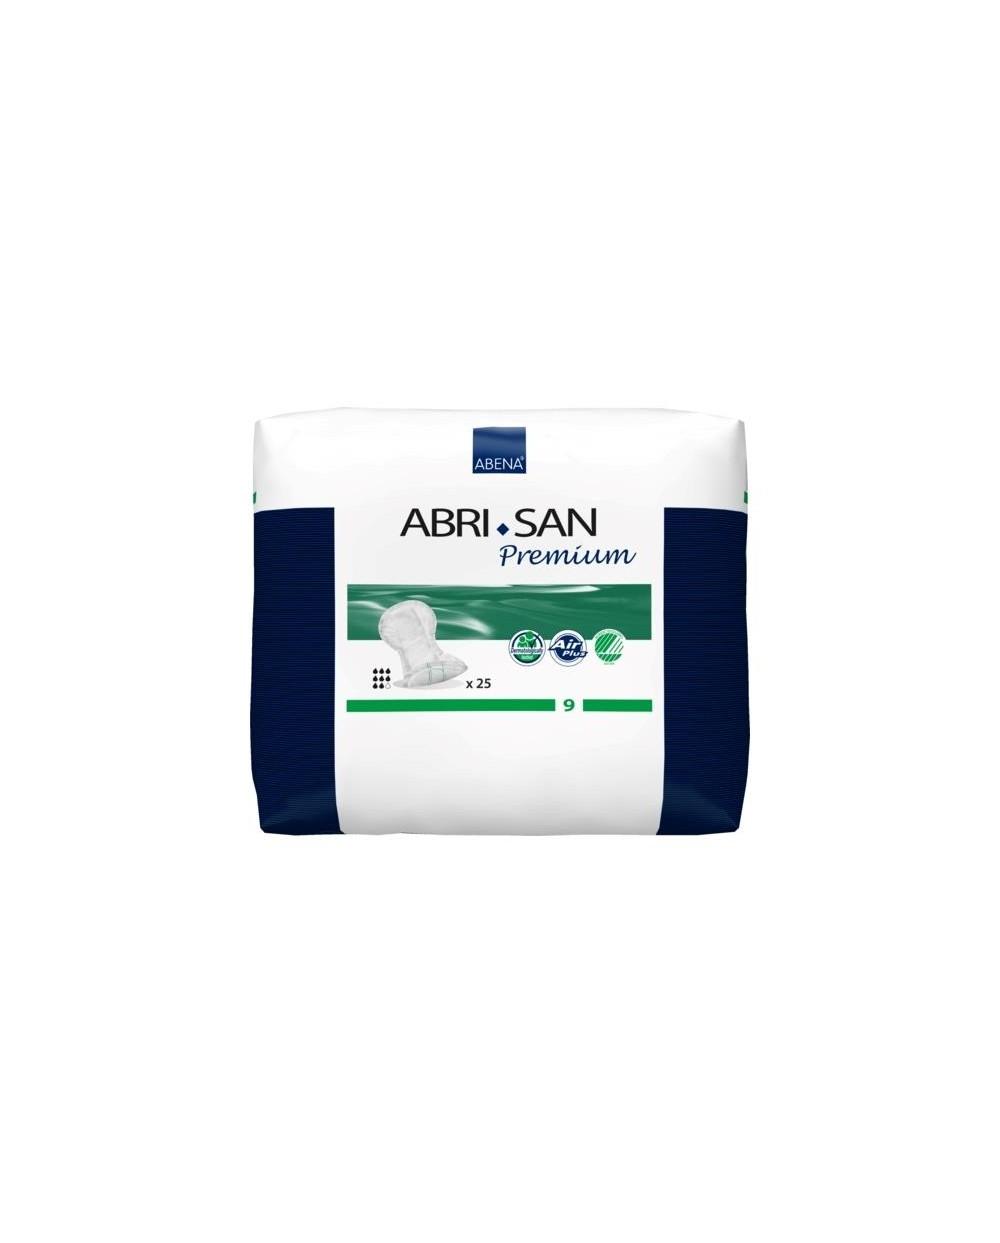 ABENA Abri-San Premium 9 - 25 protections